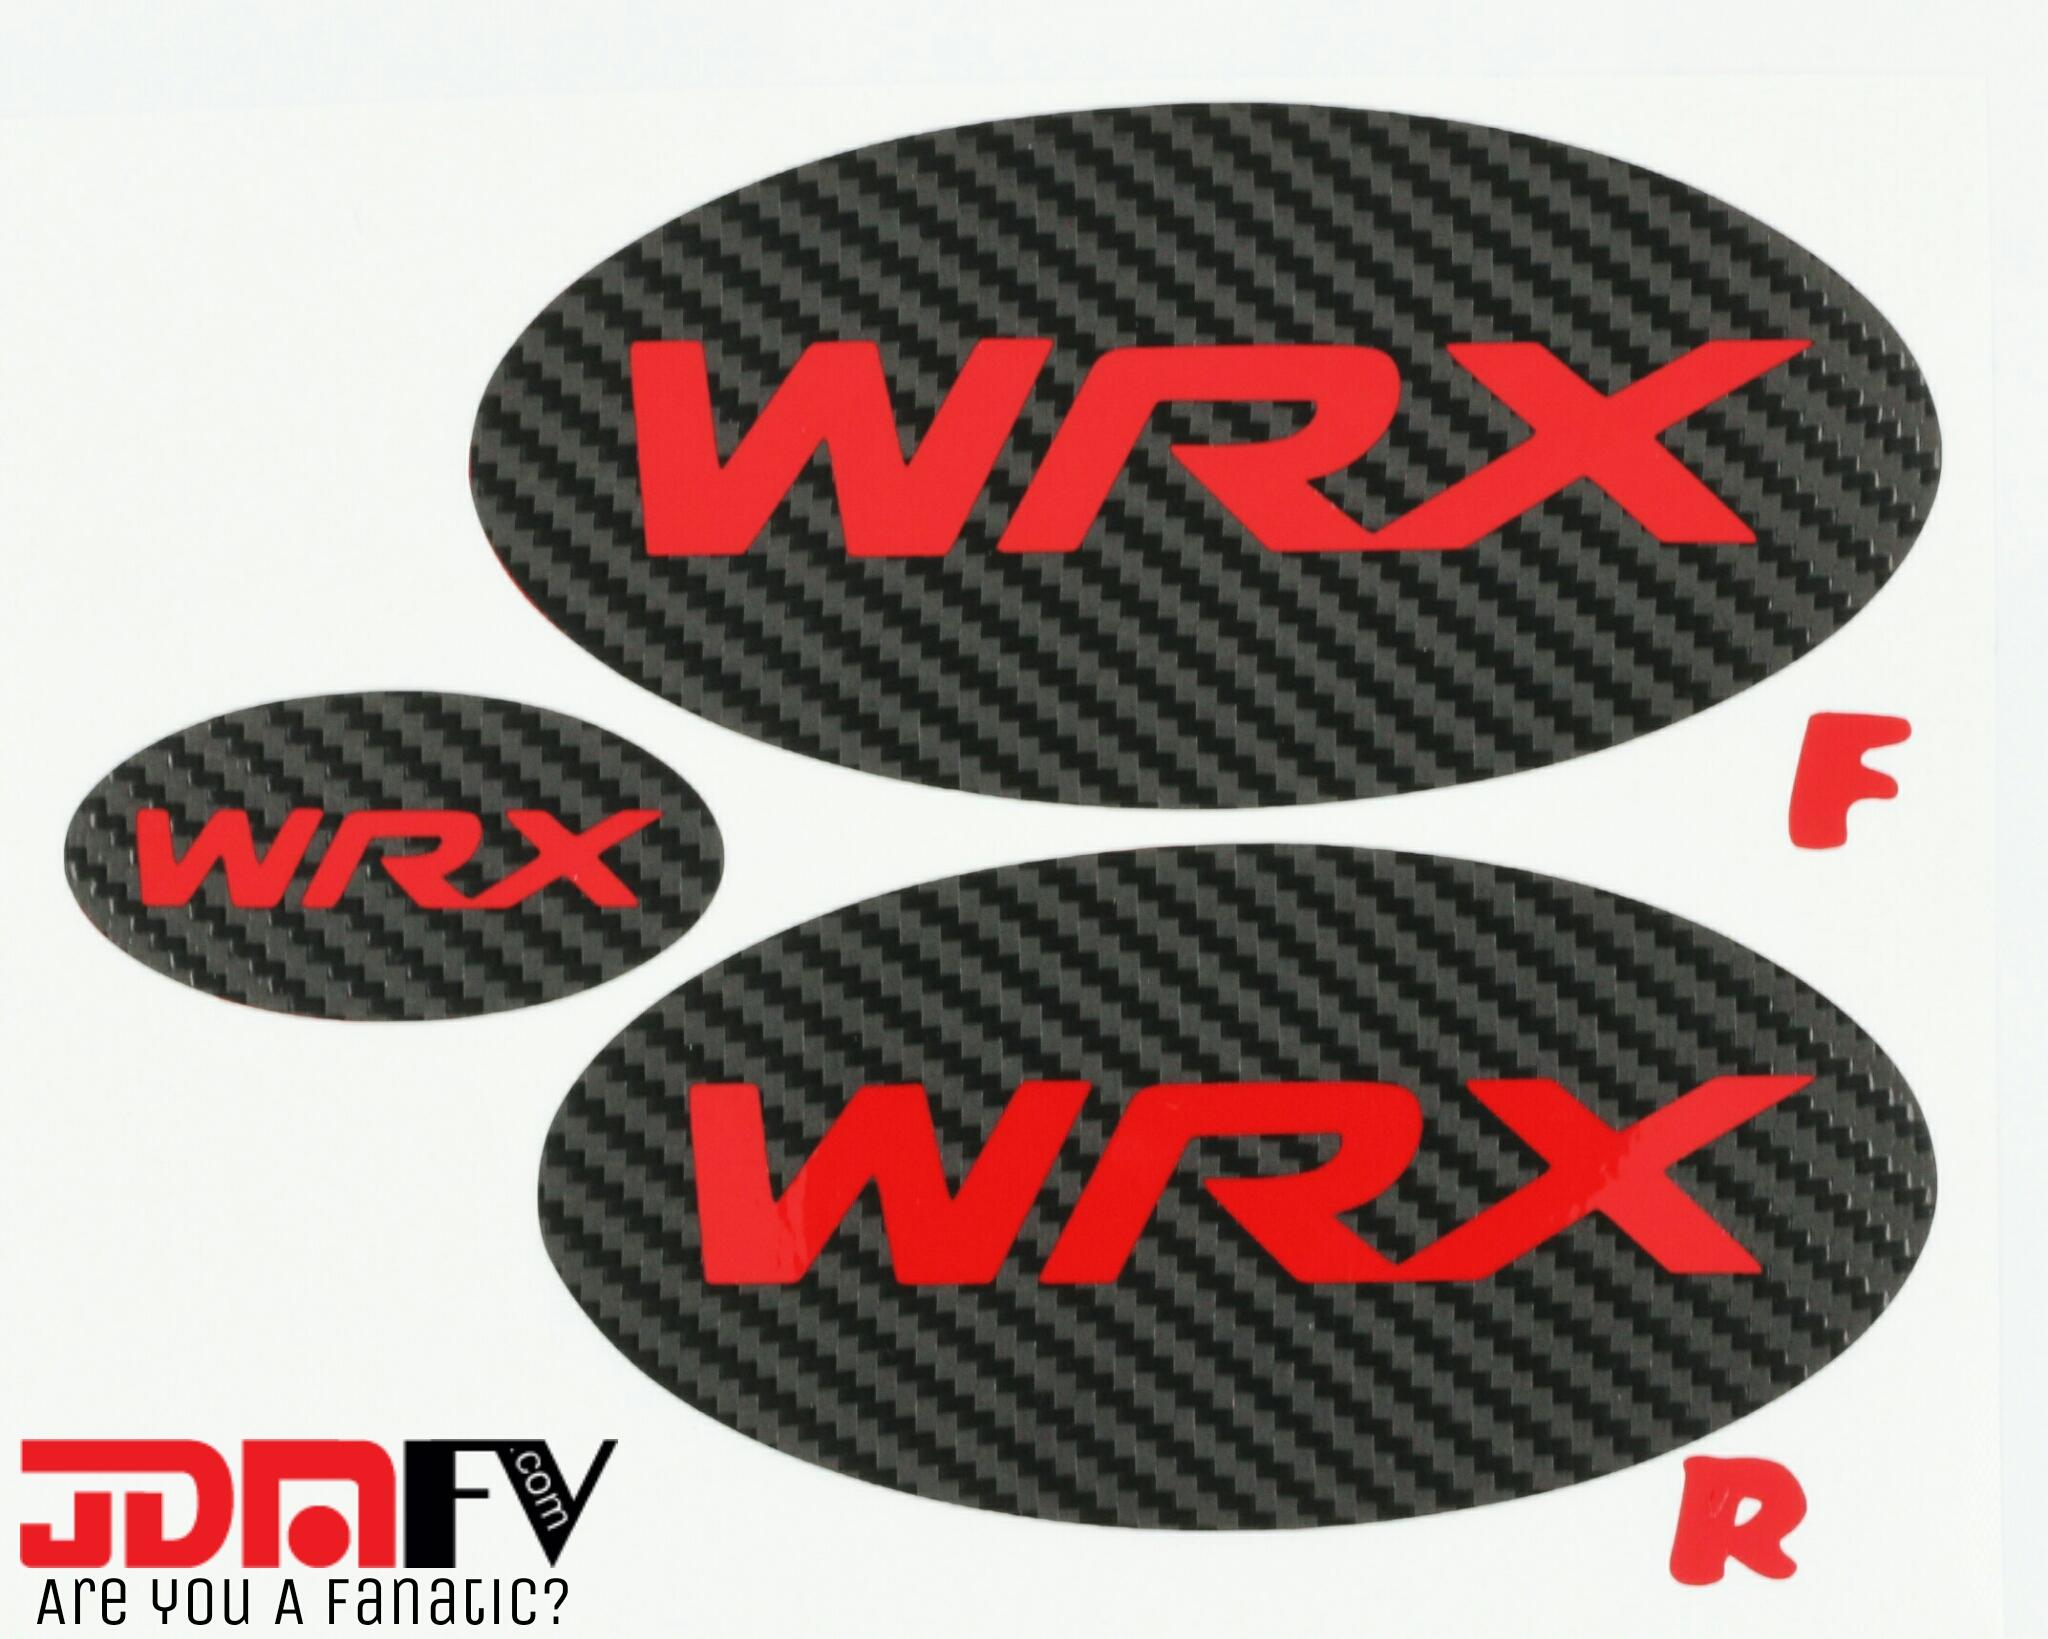 wrx-subaru-emblem-overlays-jdmfv.jpg